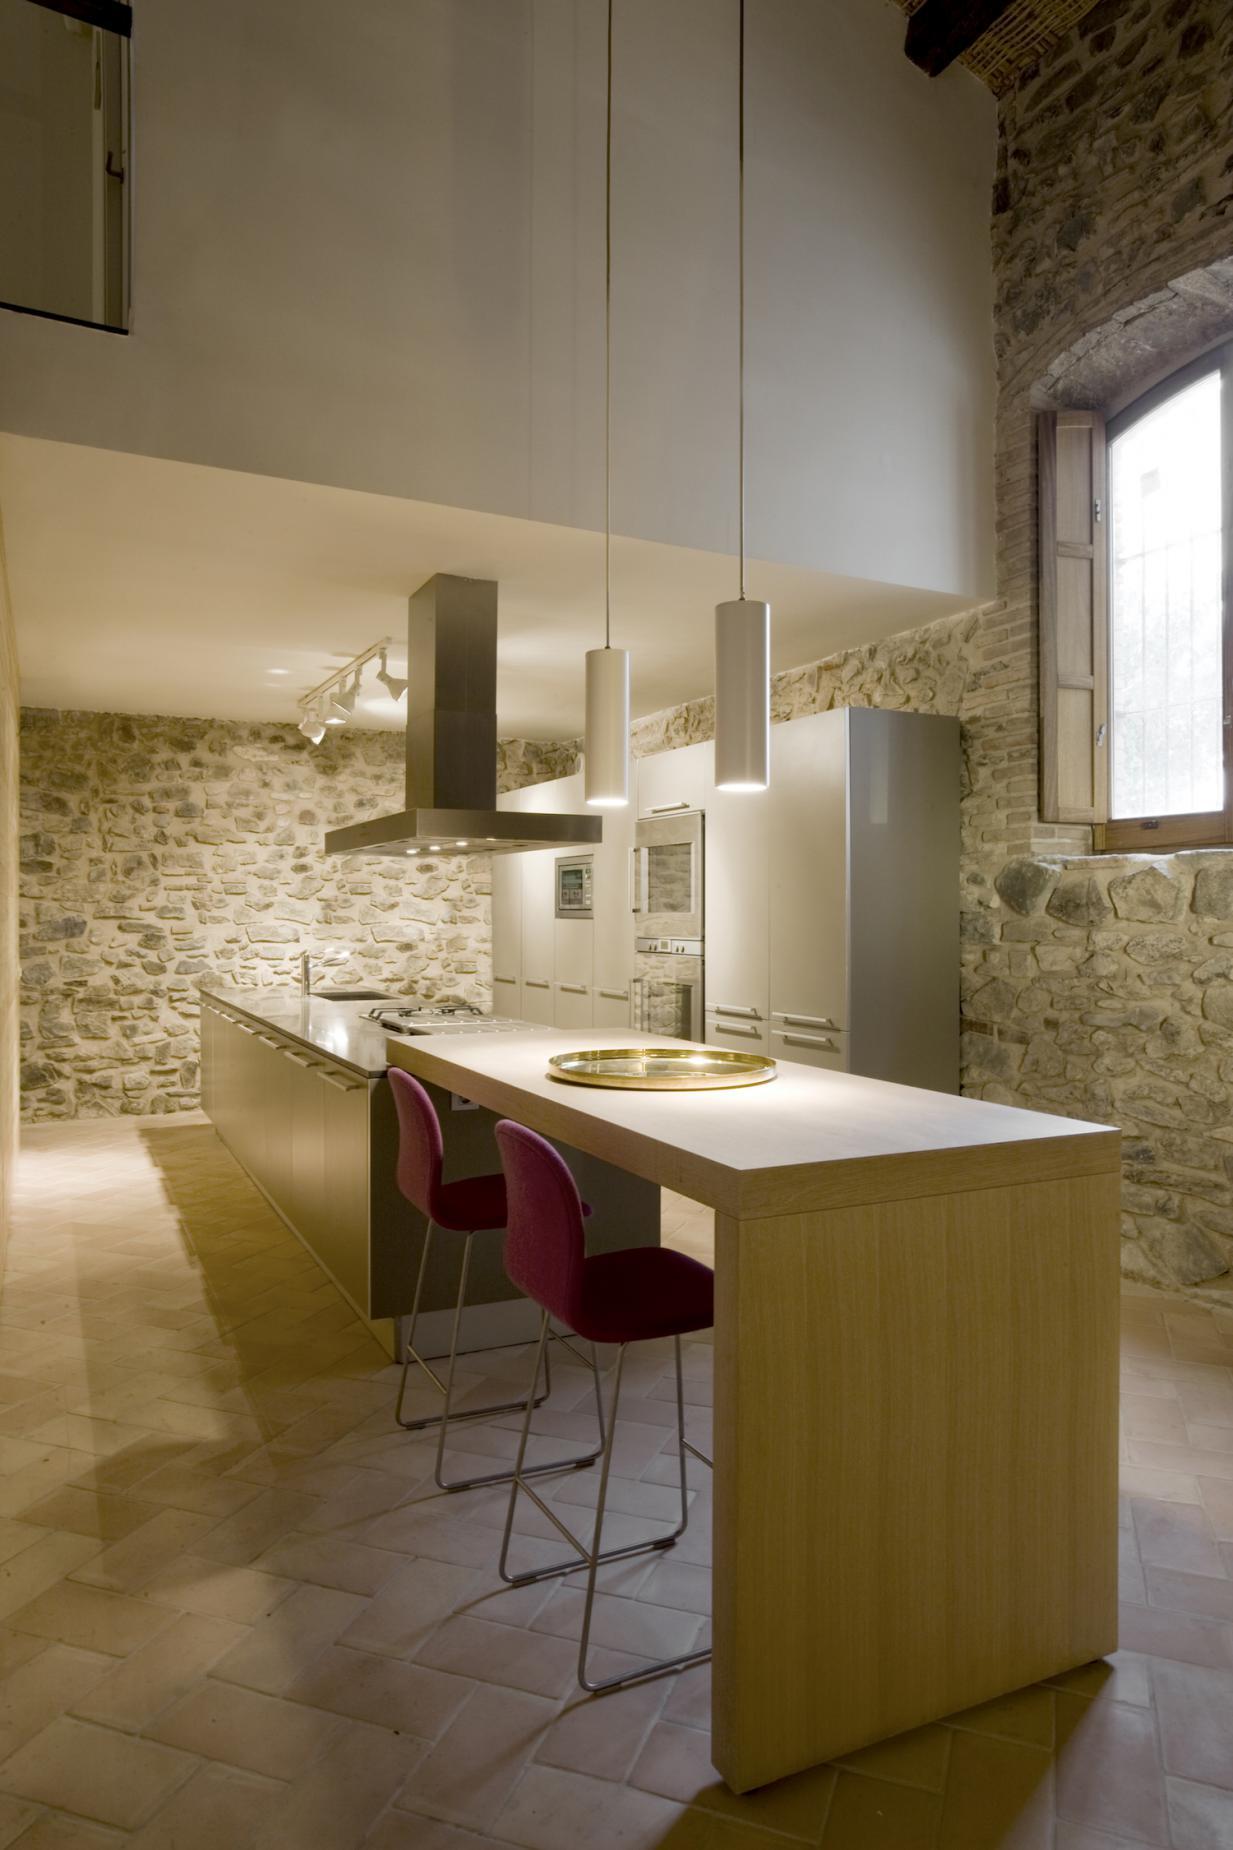 Vivienda y bodega en el priorato vilablanch estudio de - Ideas para casas rurales ...